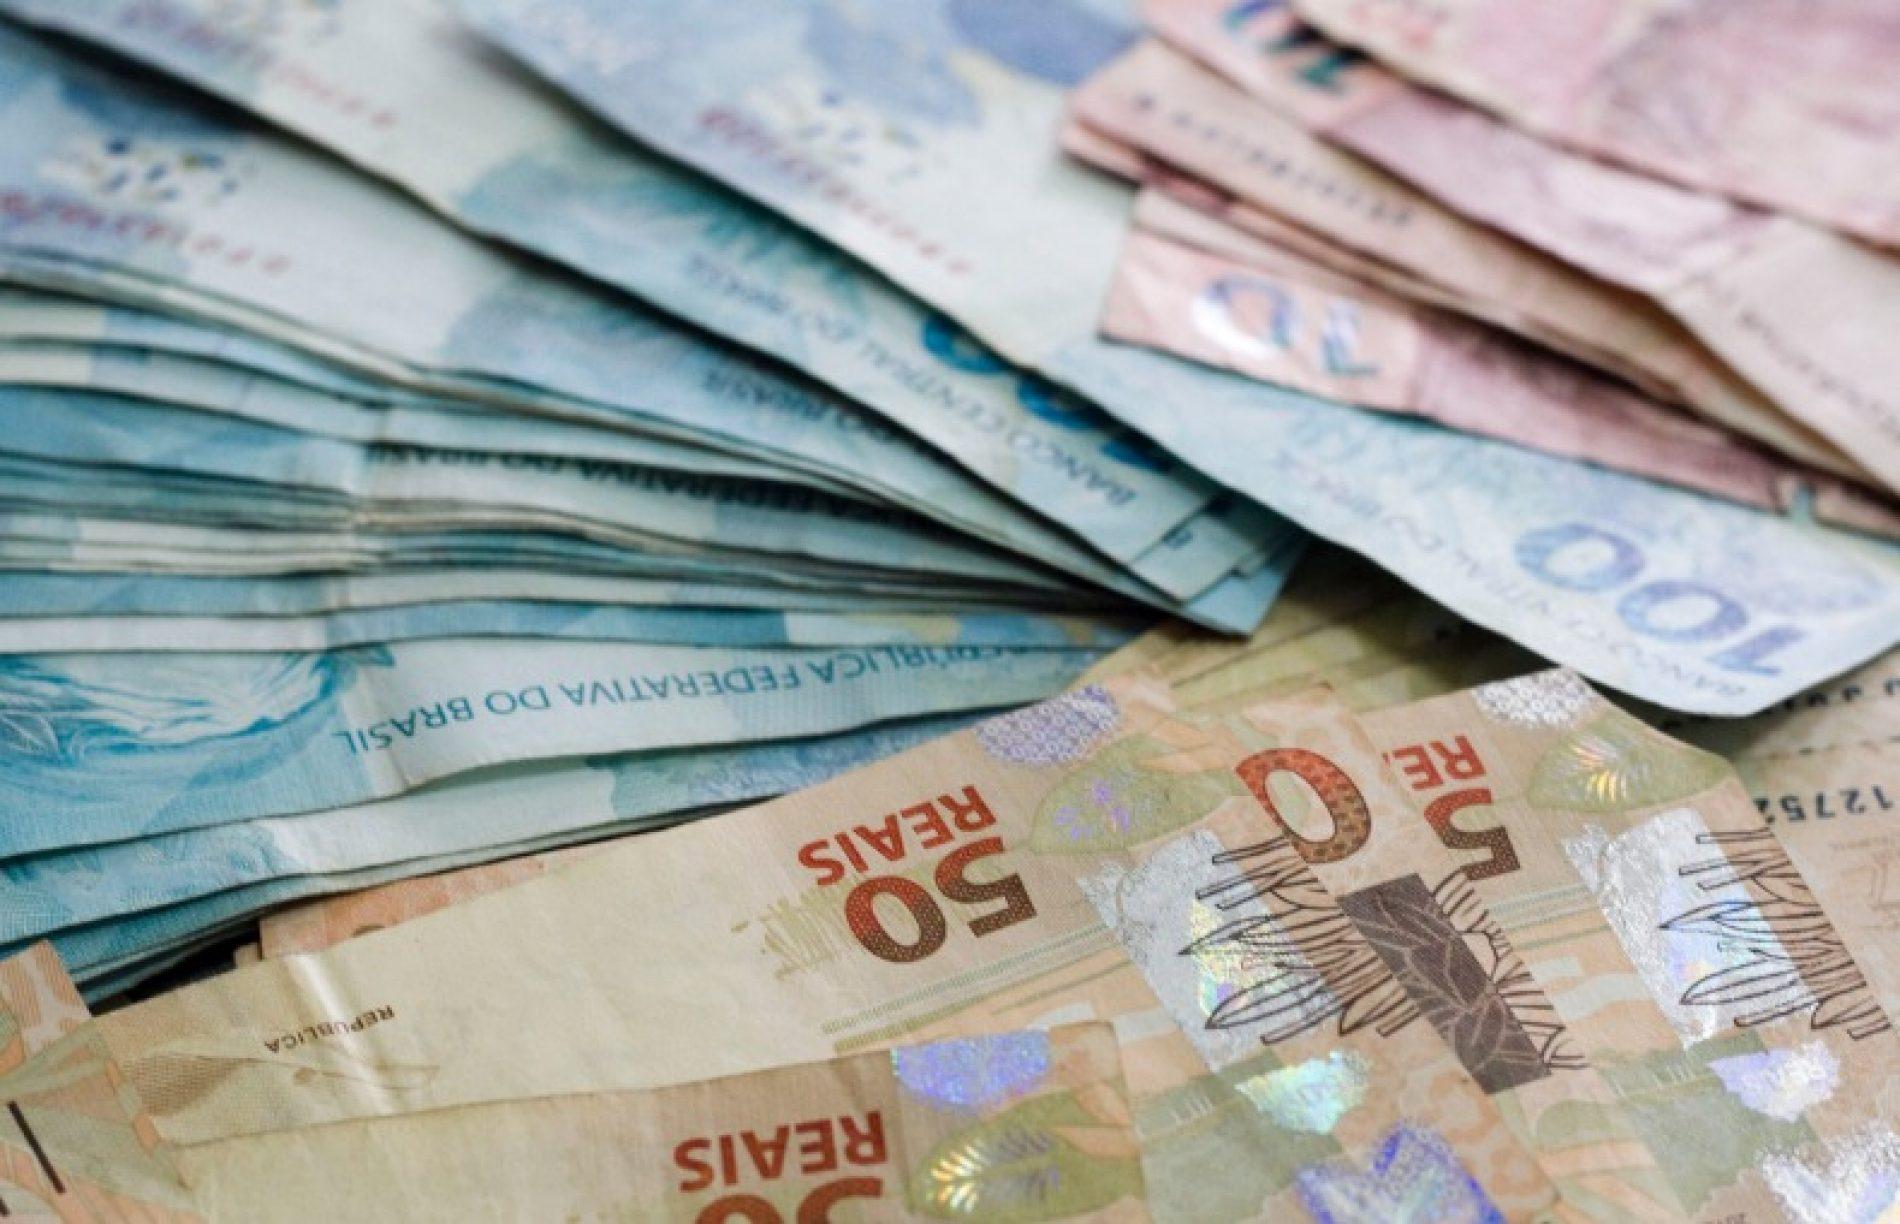 REGIÃO: Dupla rouba R$ 1,7 mil de homem em saidinha de banco